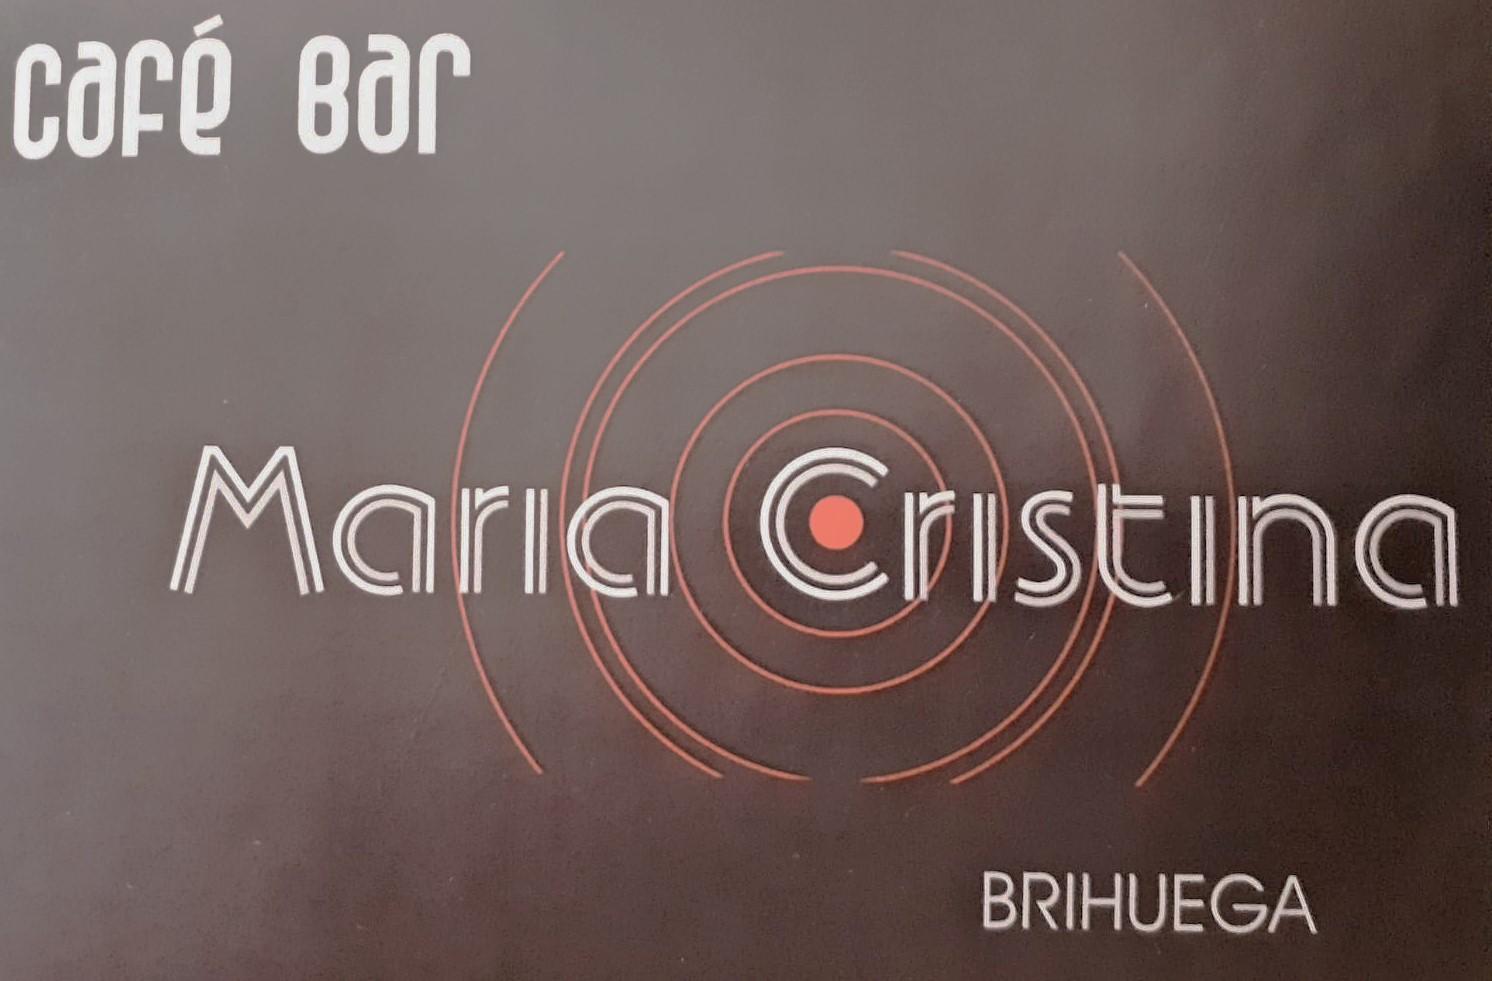 Café Bar María Cristina (Brihuega)